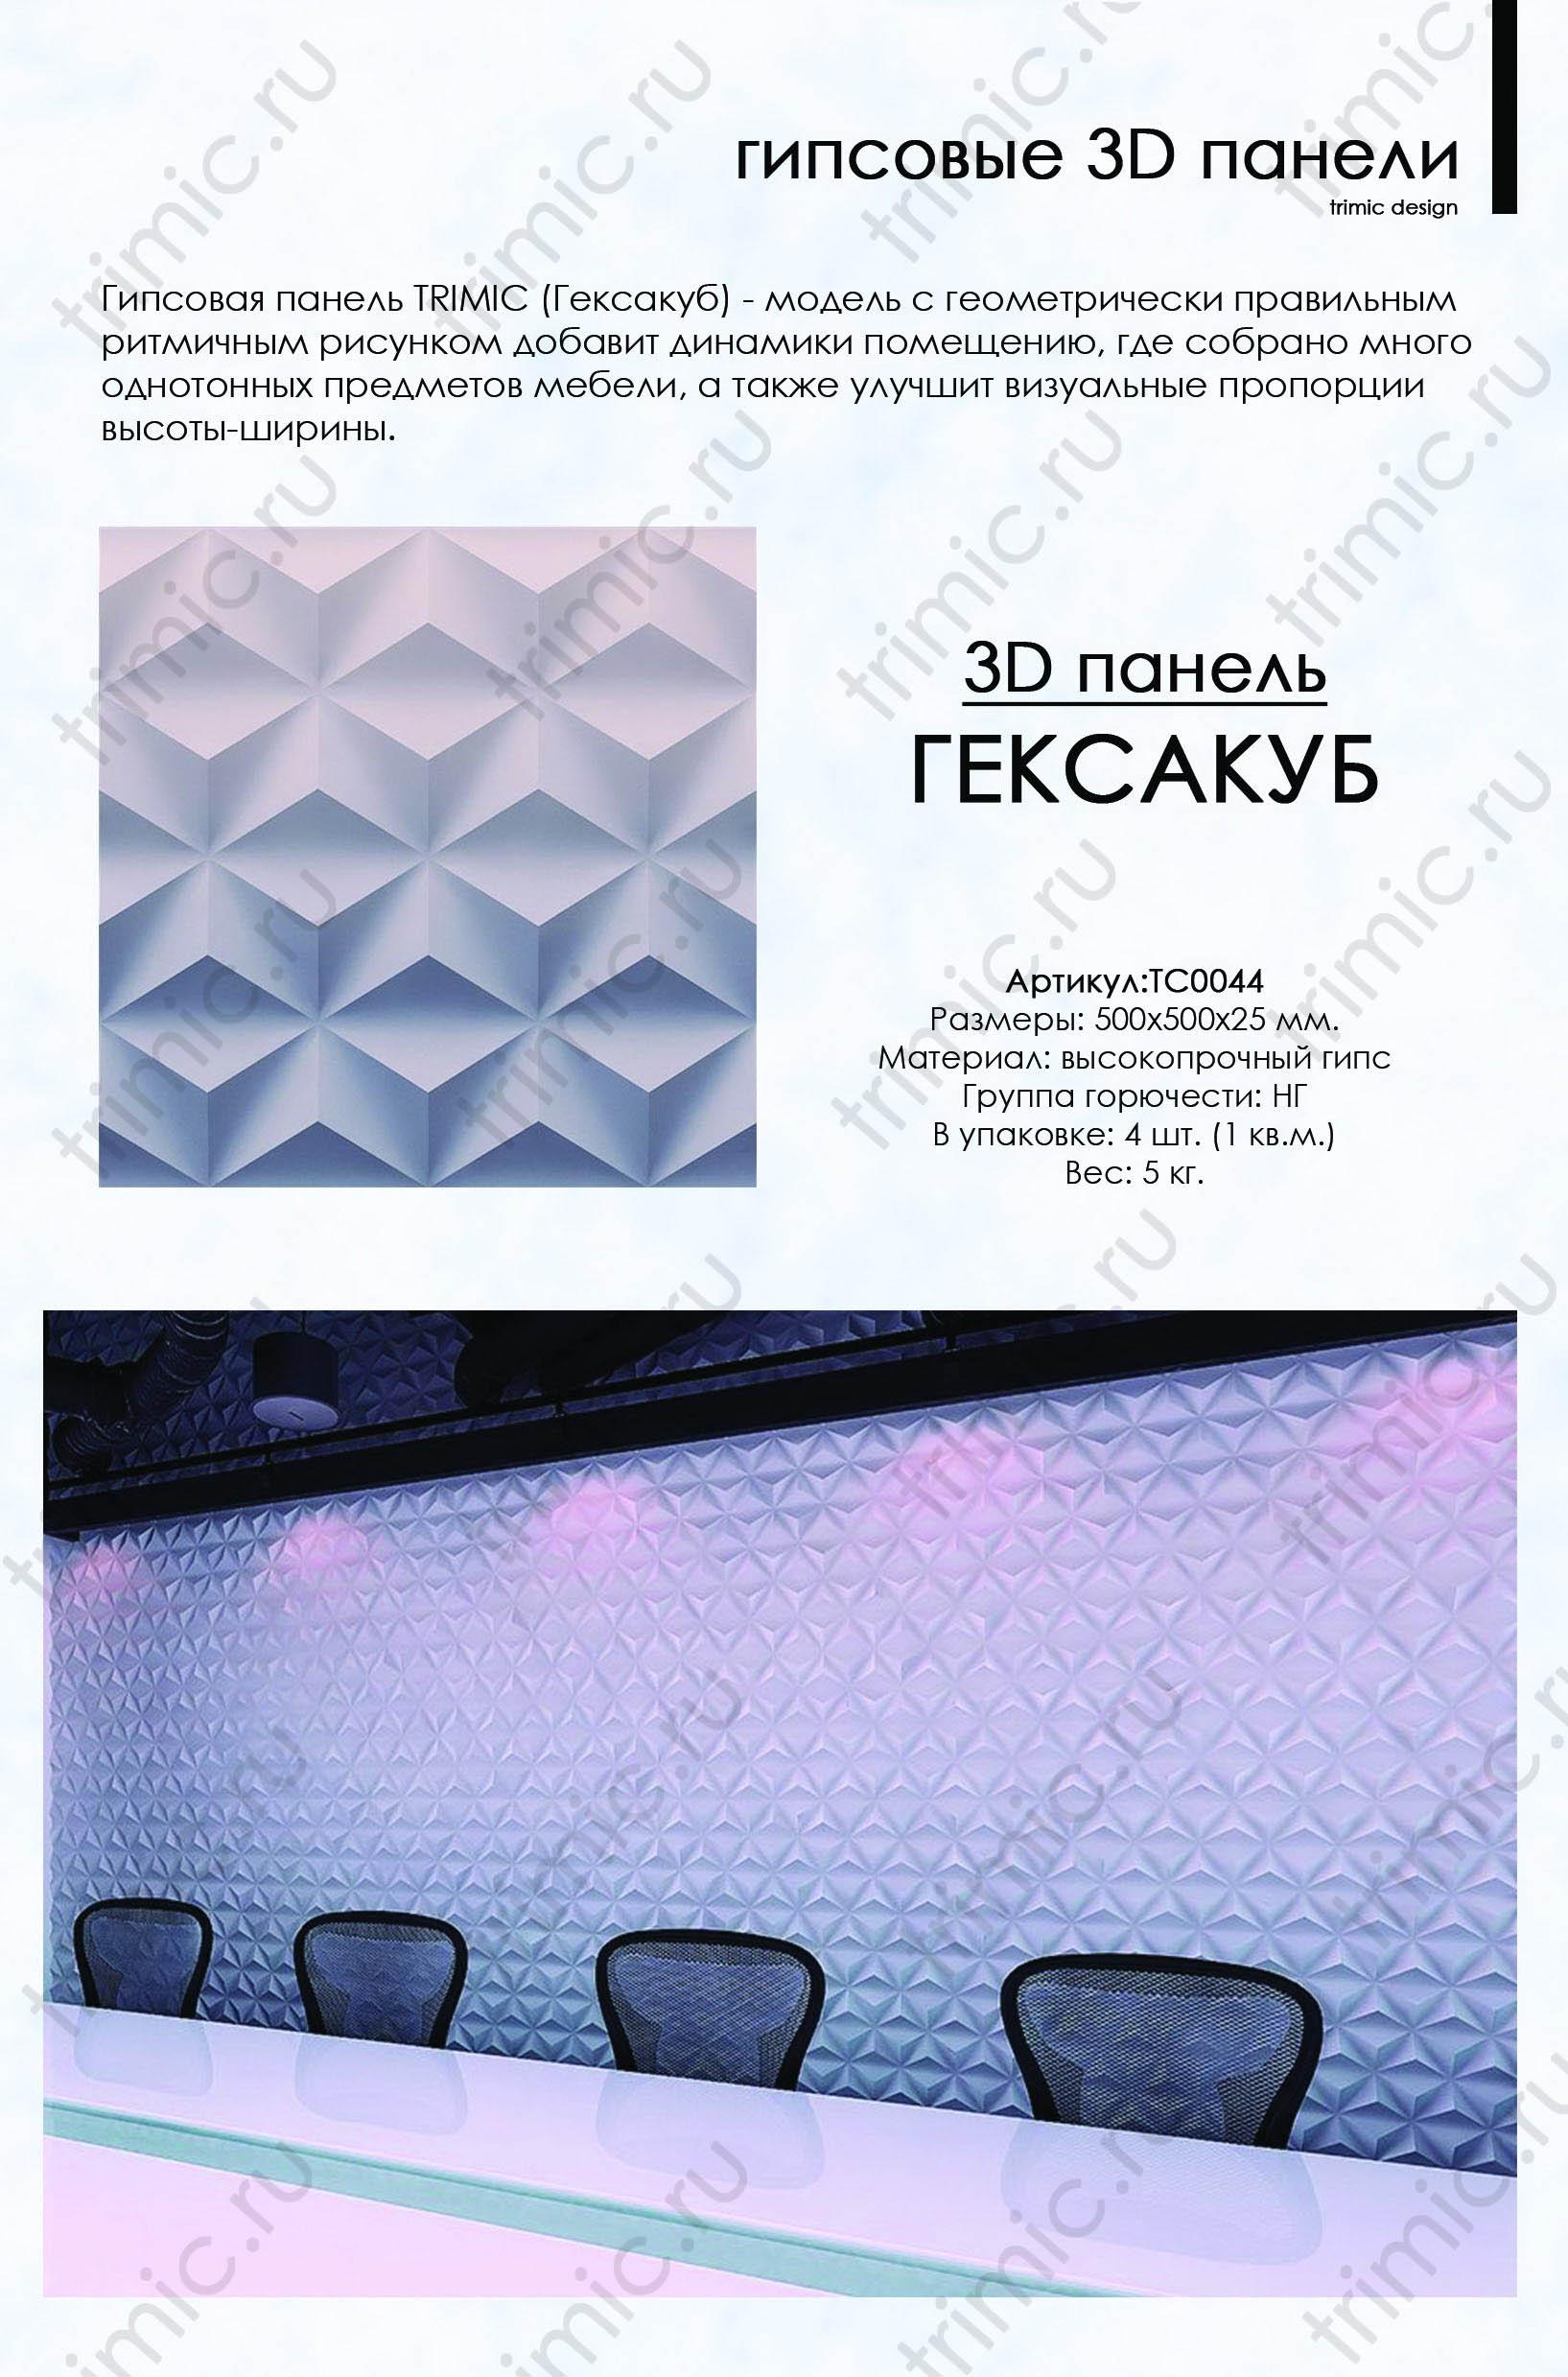 Фотографии 3D панелей Гексакуб в интерьере